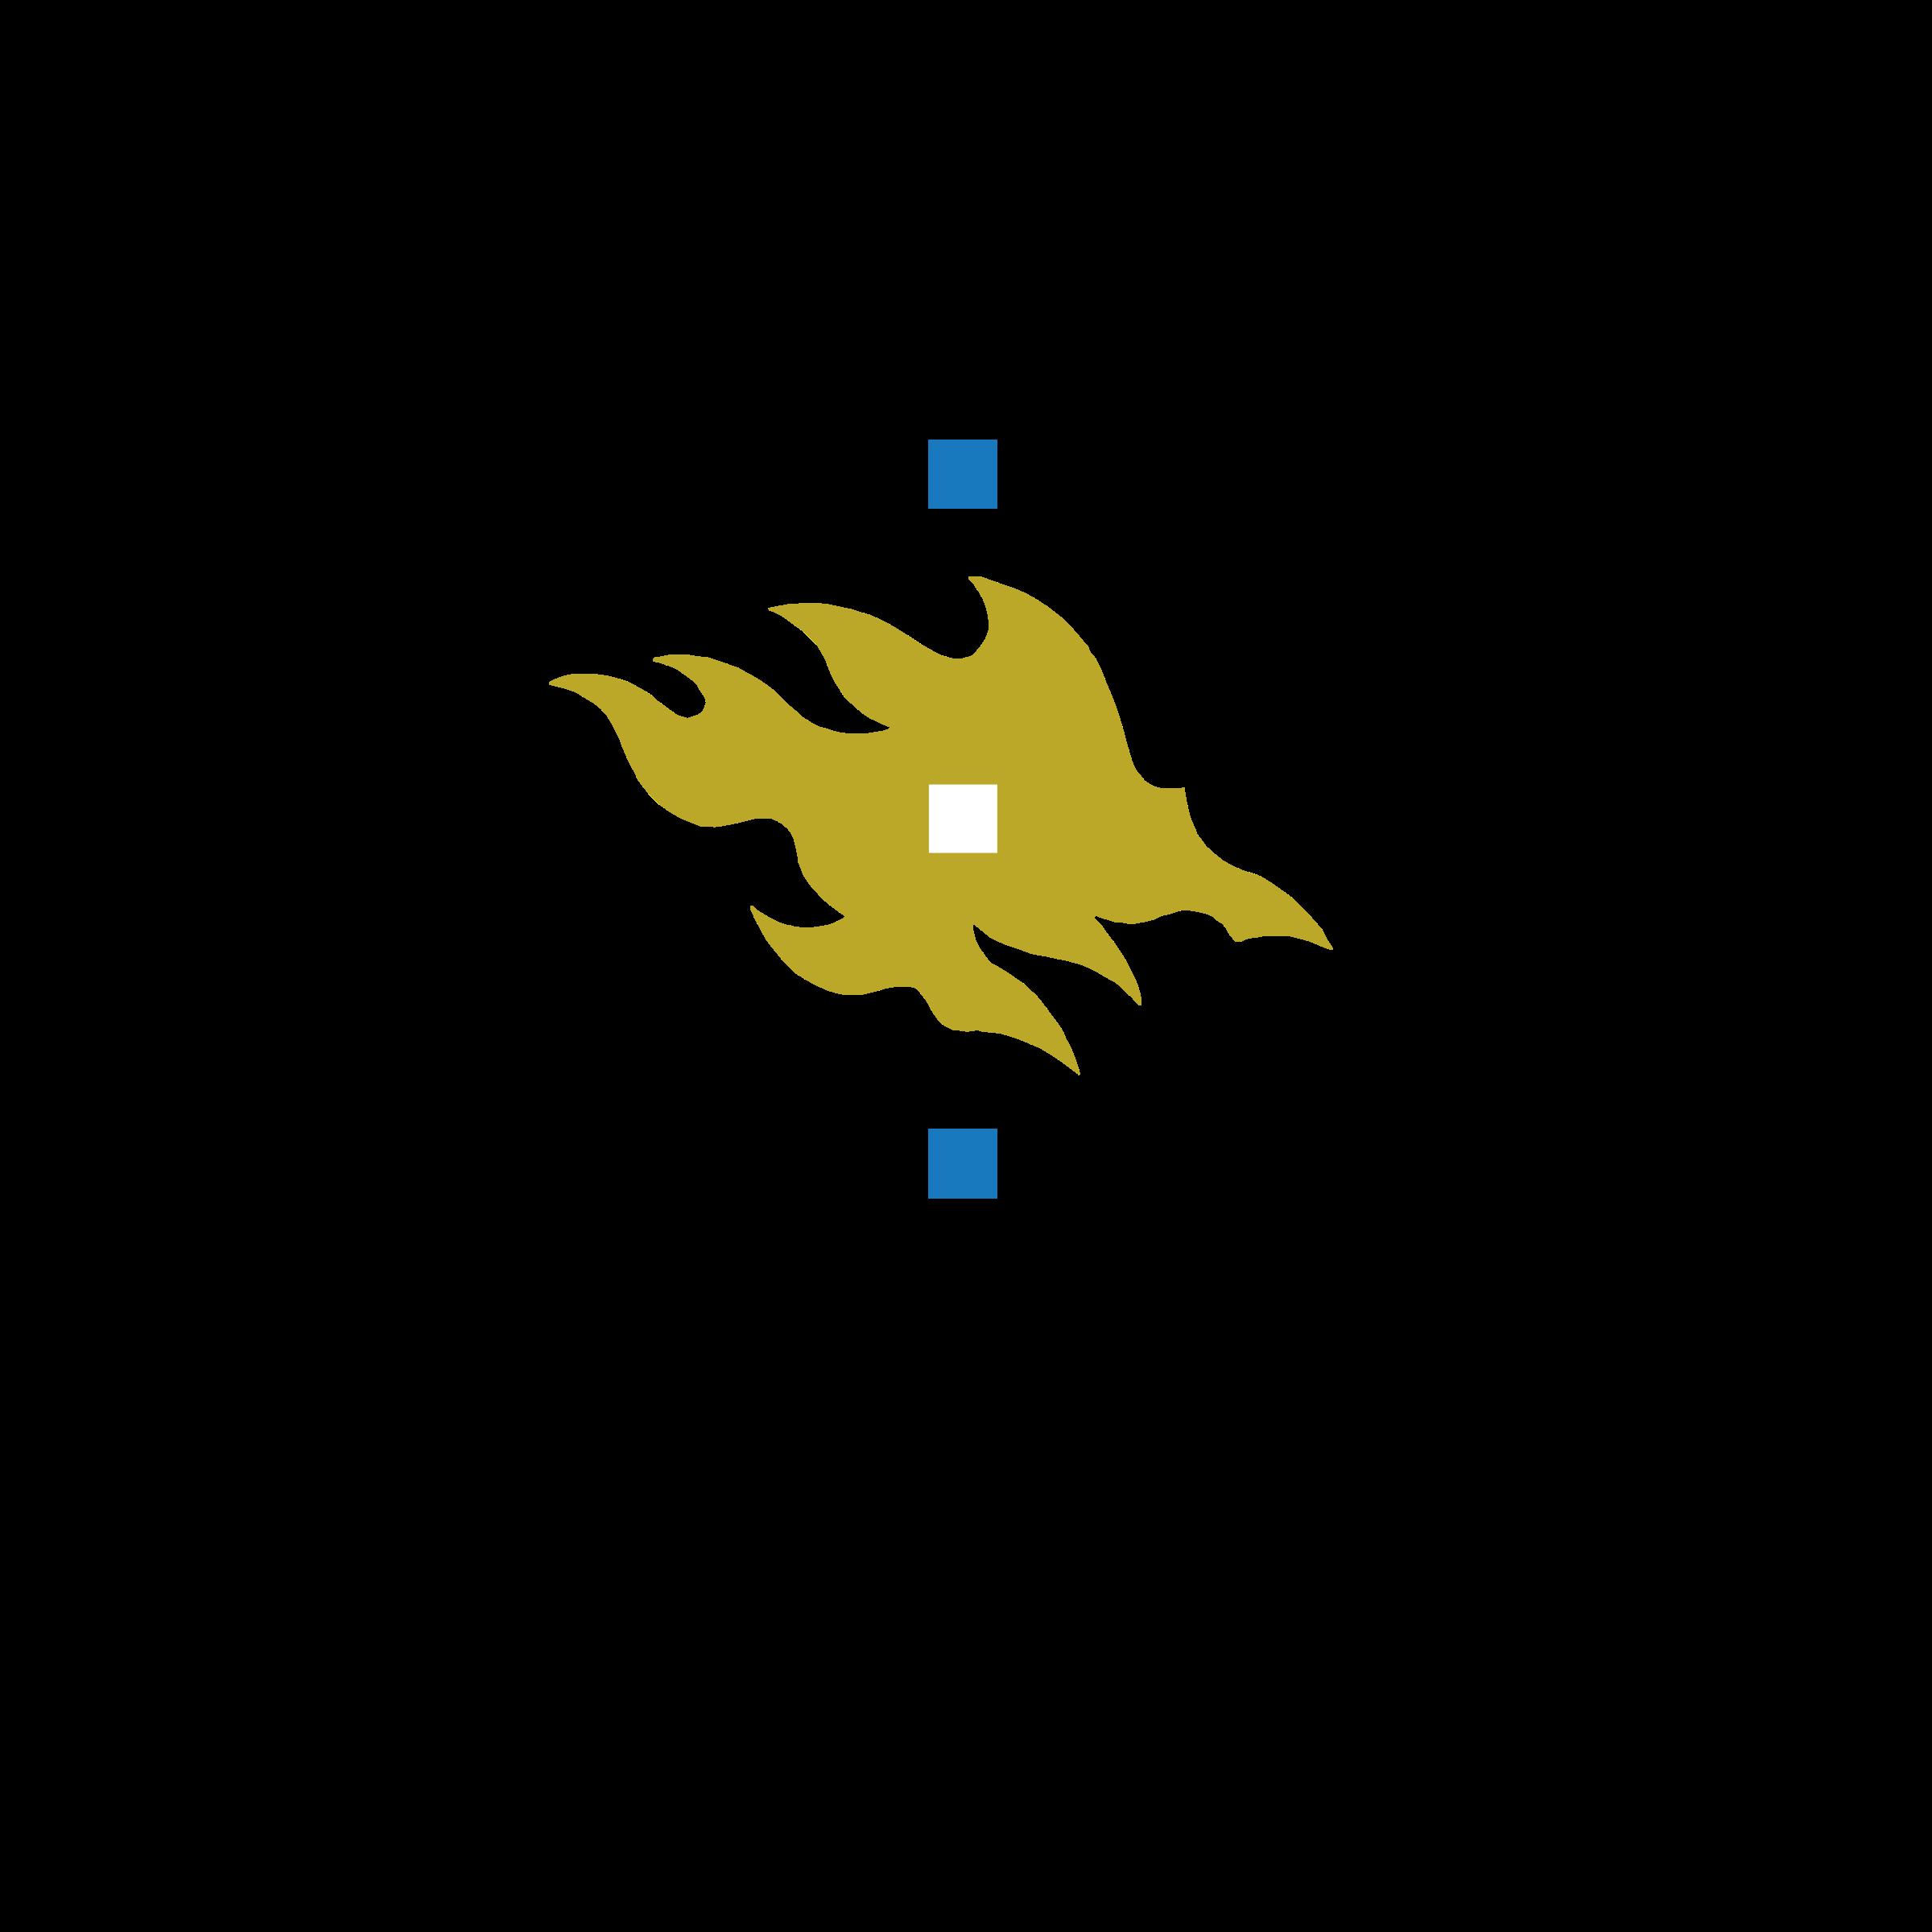 University of Helsinki Logo PNG Transparent & SVG Vector